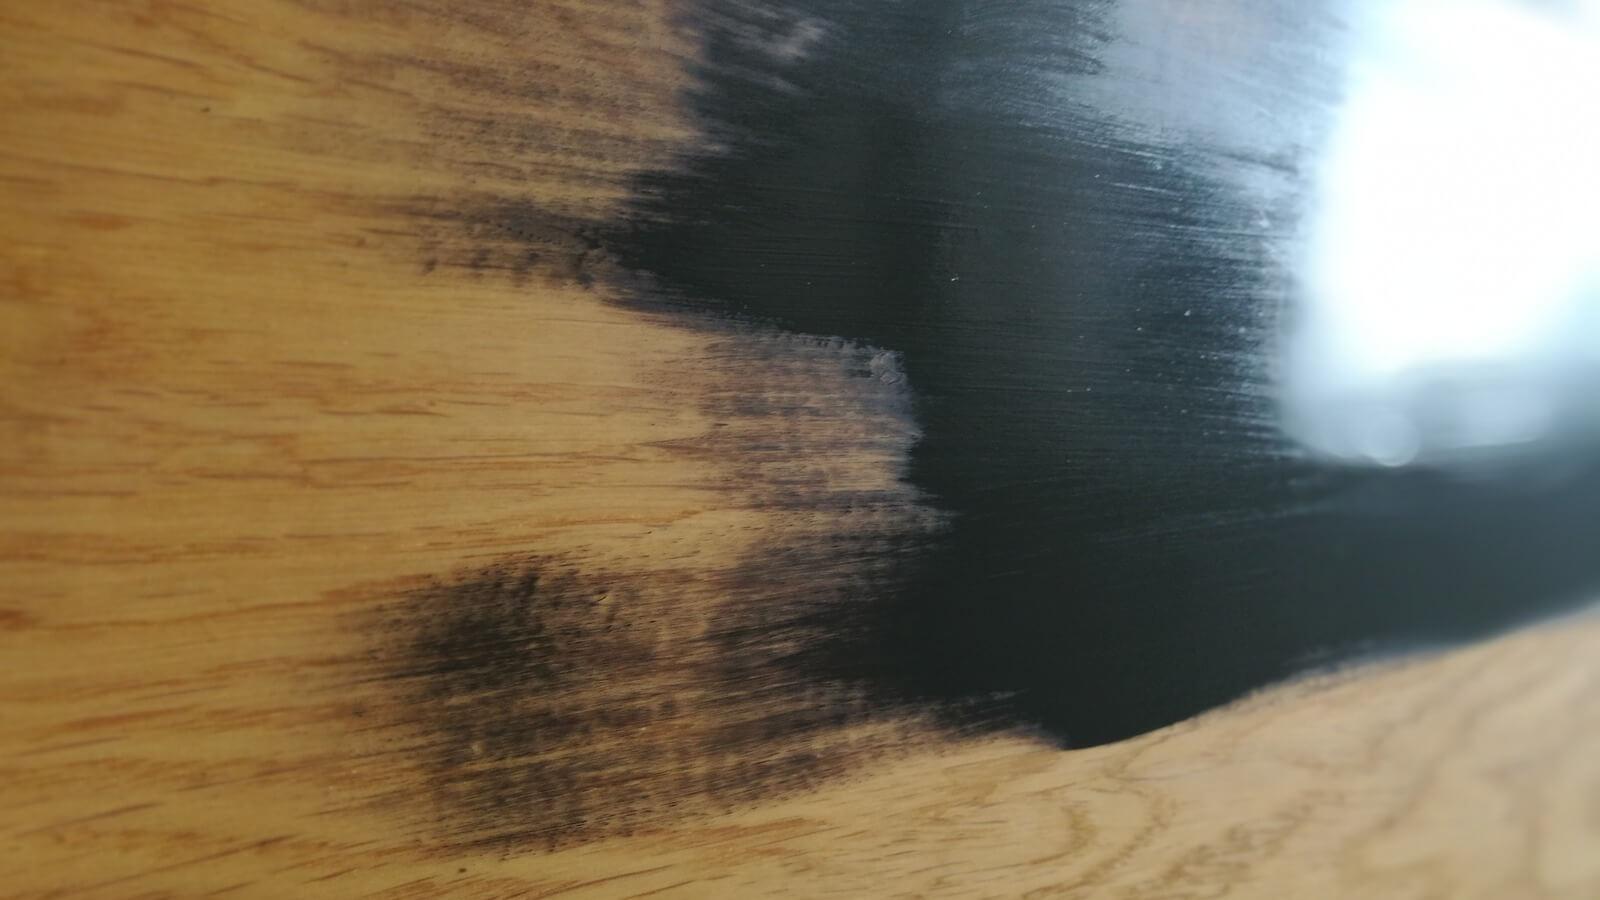 Régi asztallap festése - első réteg festék